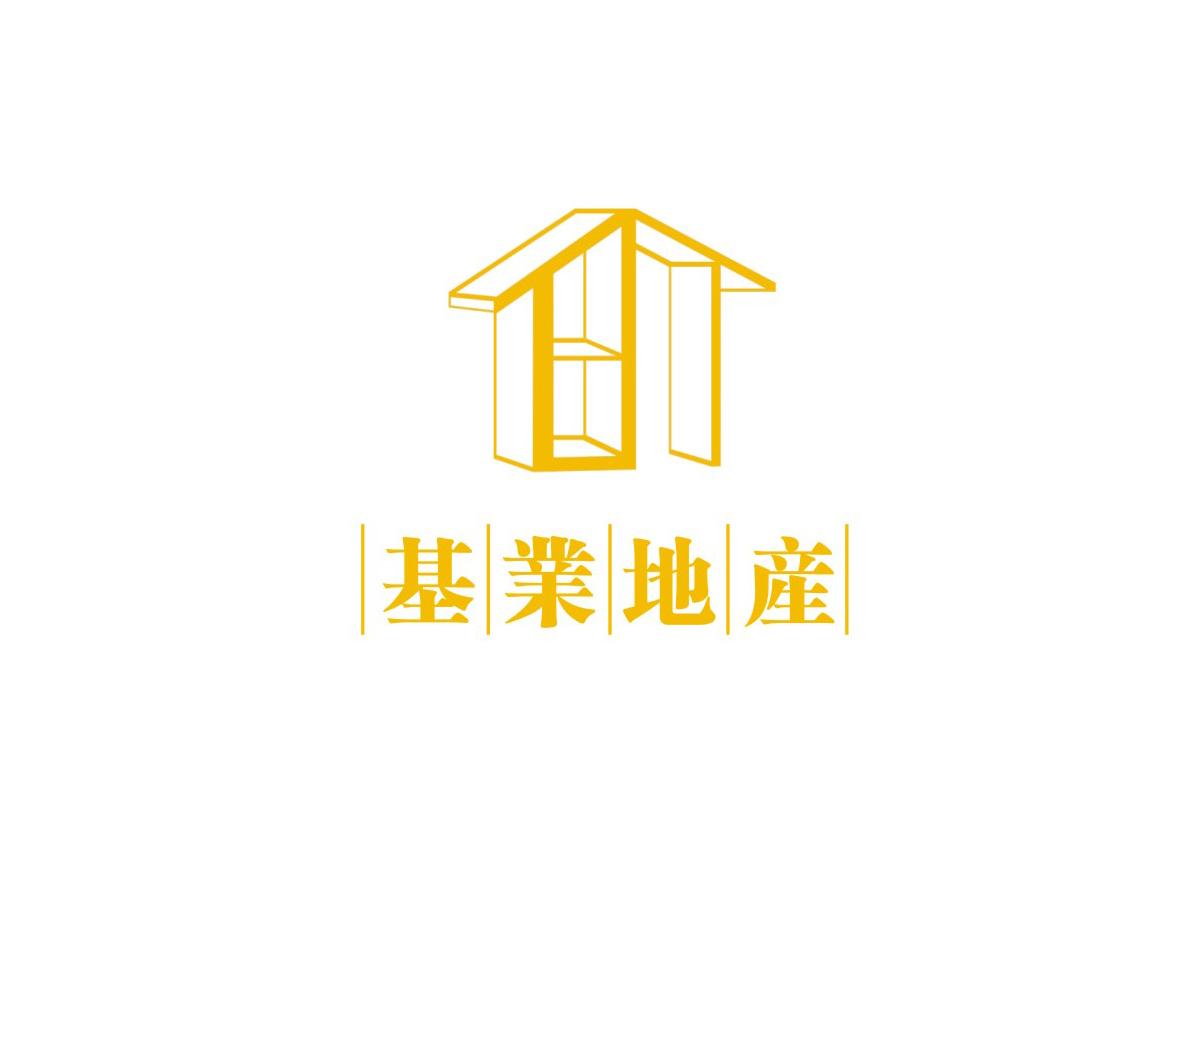 中津基业(天津)房地产开发有限公司logo